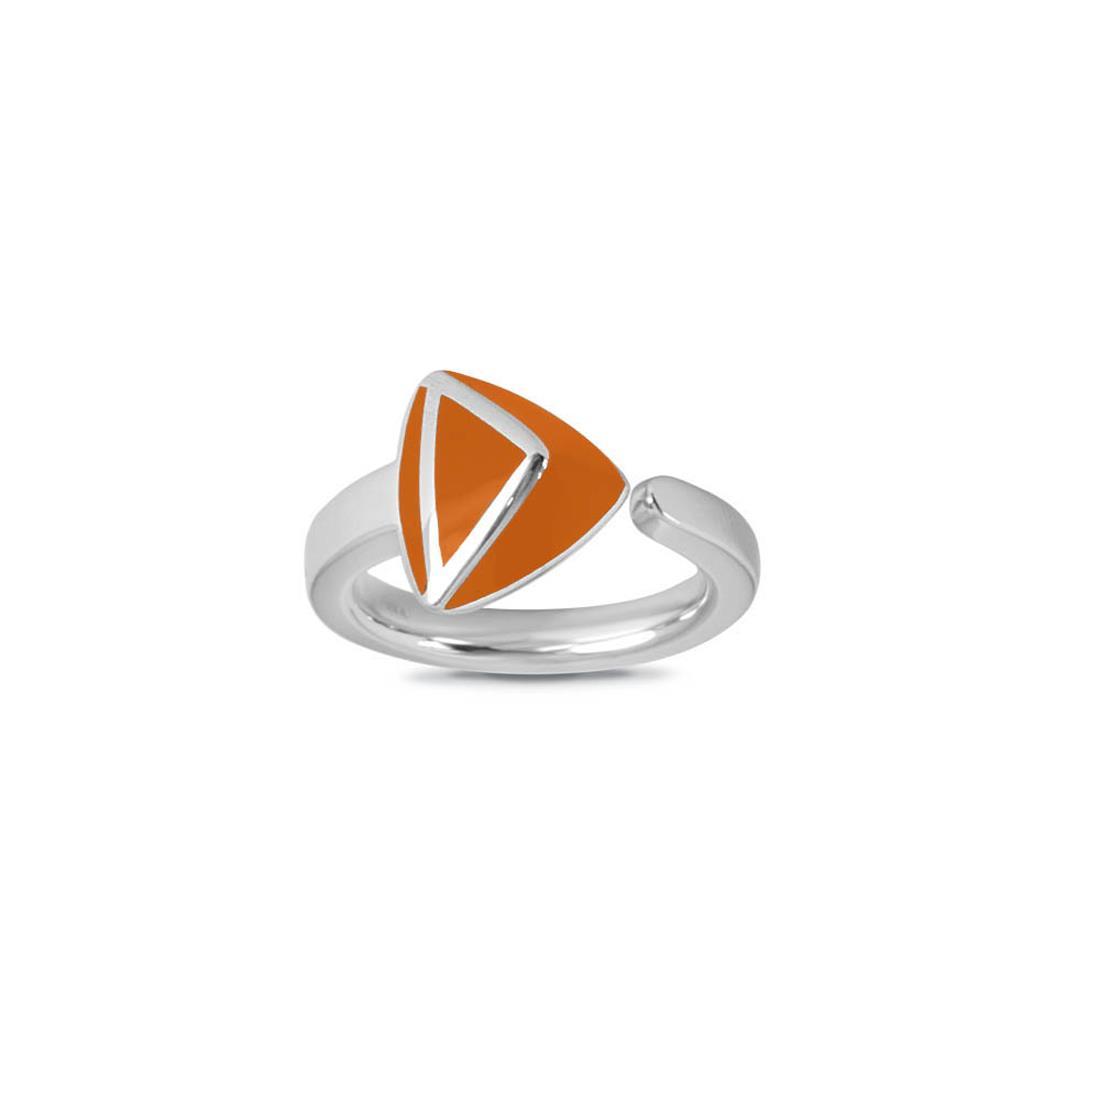 Anello con smalto arancione - ALFIERI & ST. JOHN 925